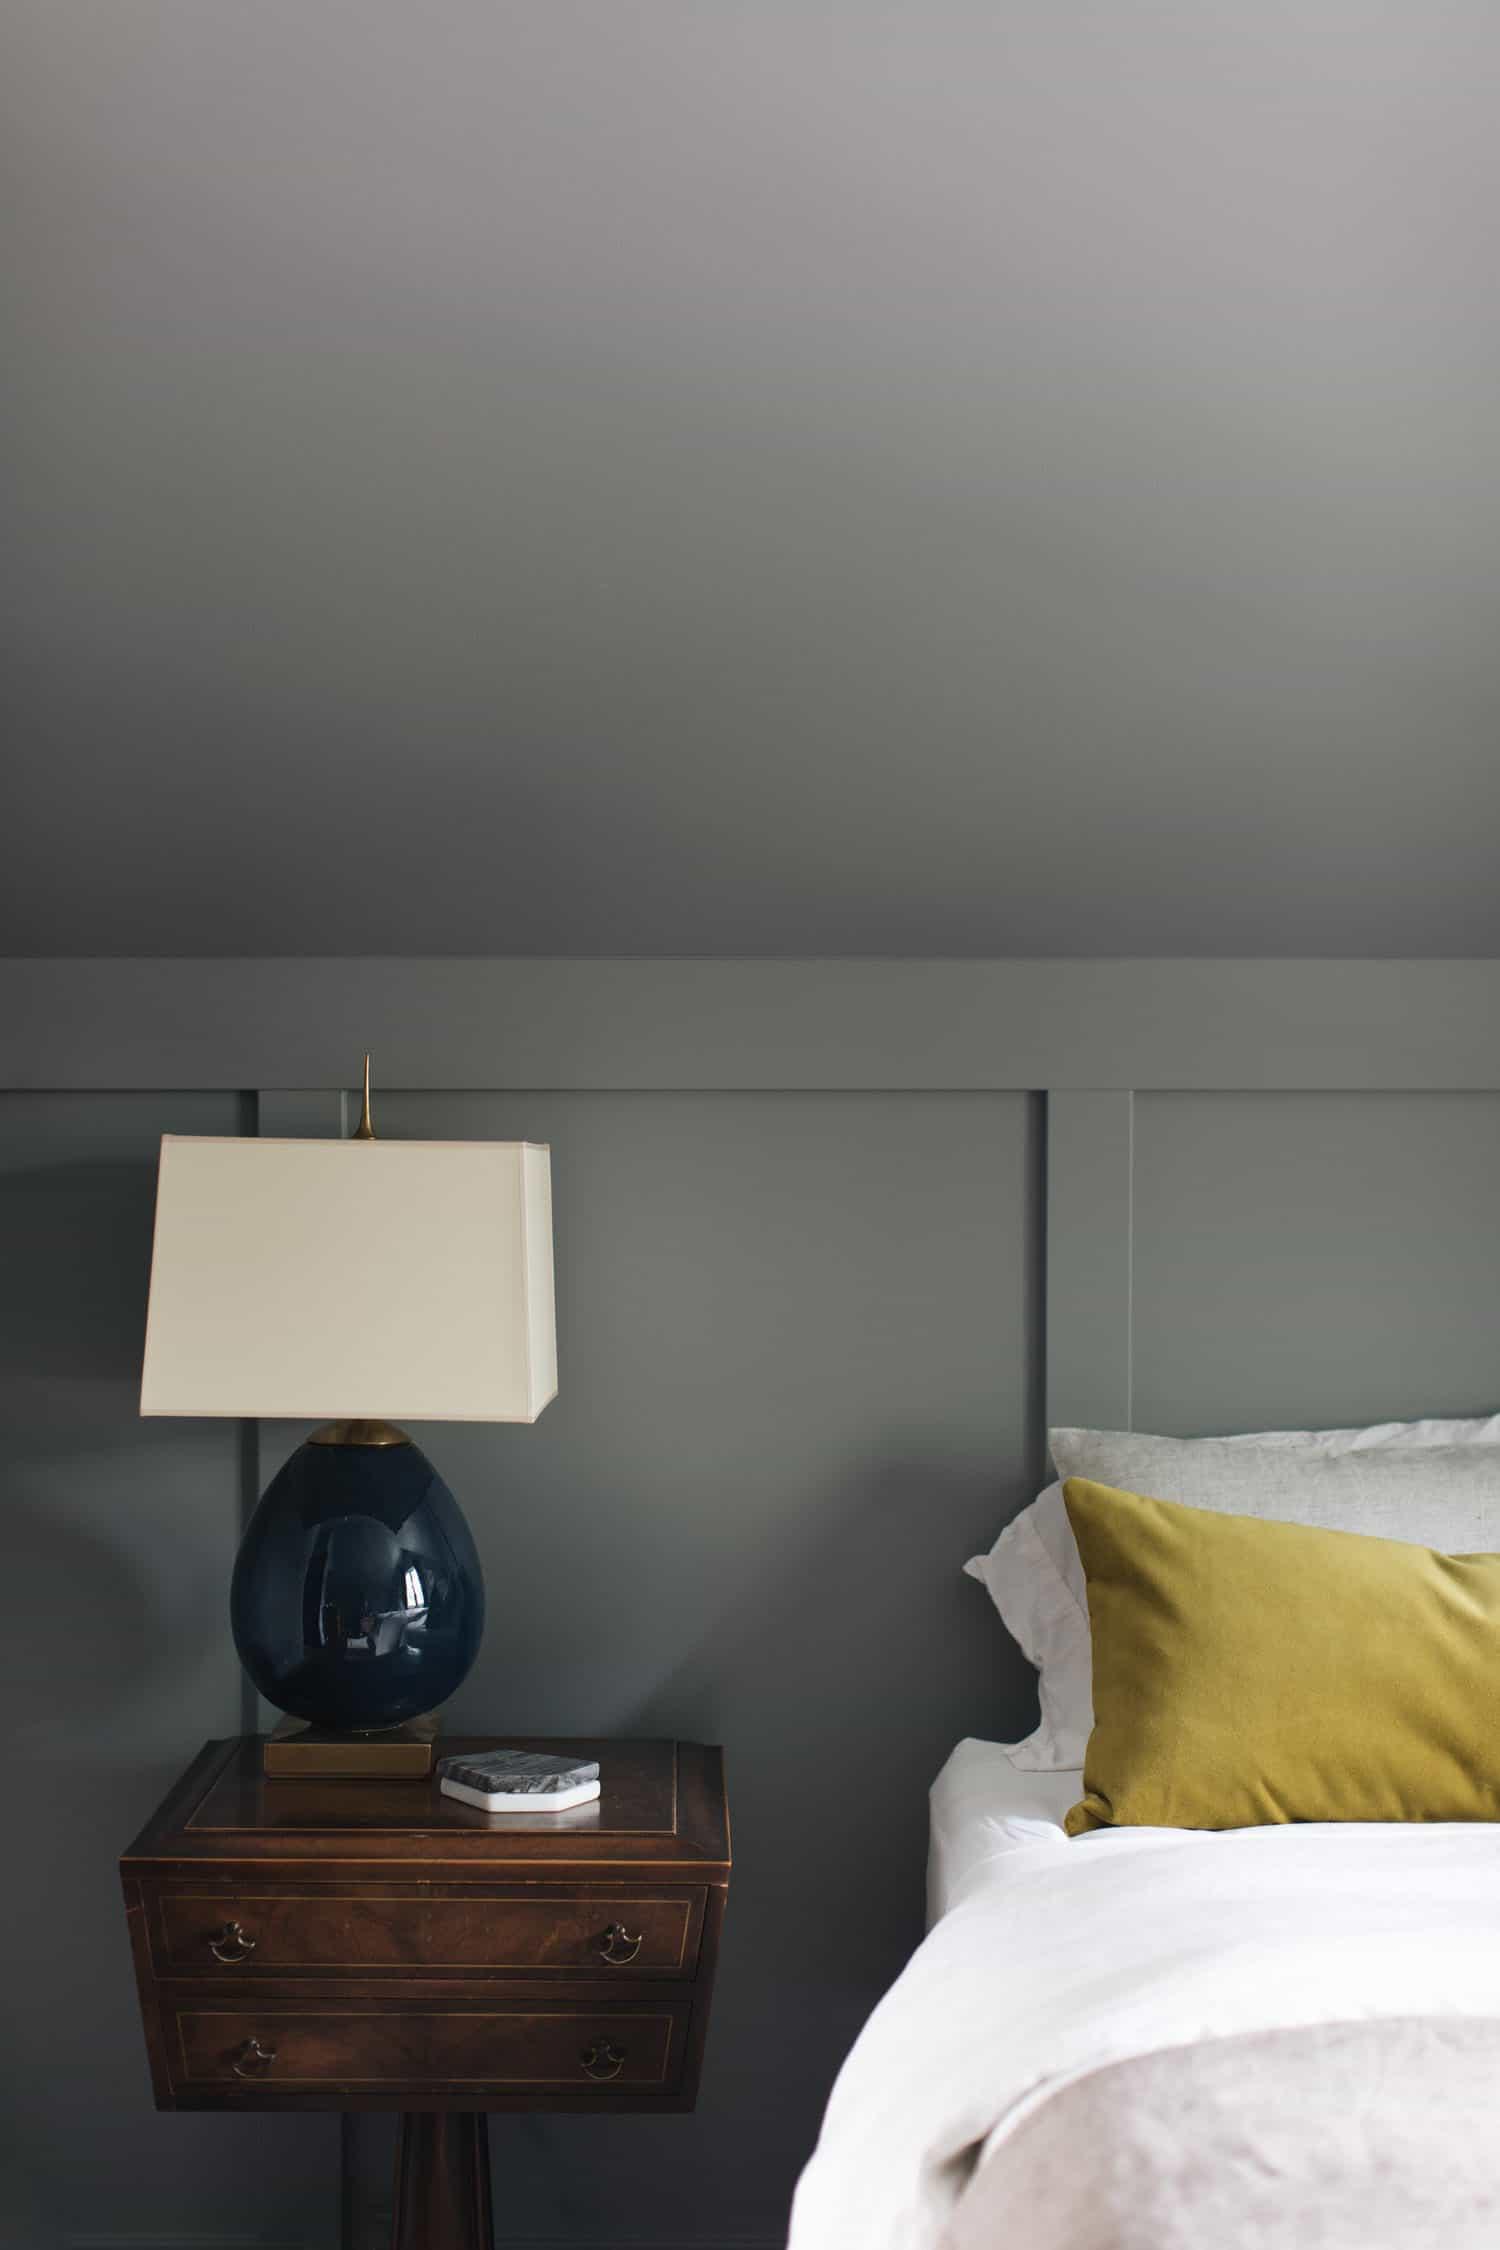 spavaća soba u tradicionalnom stilu